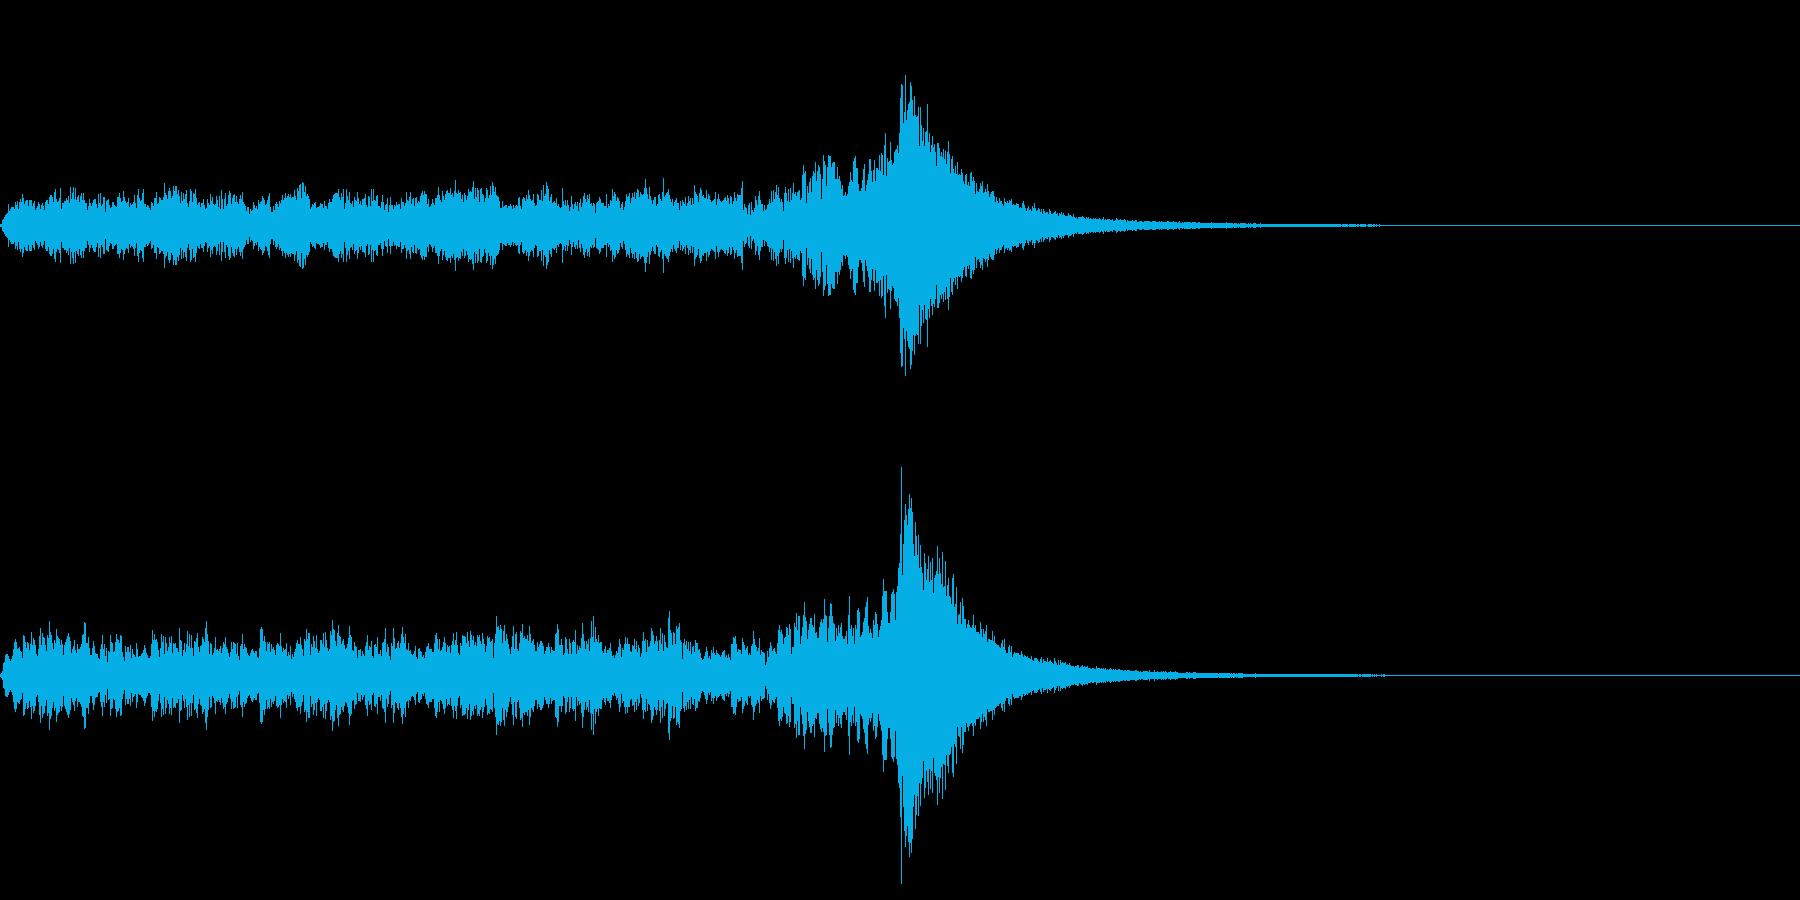 長めのドラムロール(抽選、コンテスト)の再生済みの波形